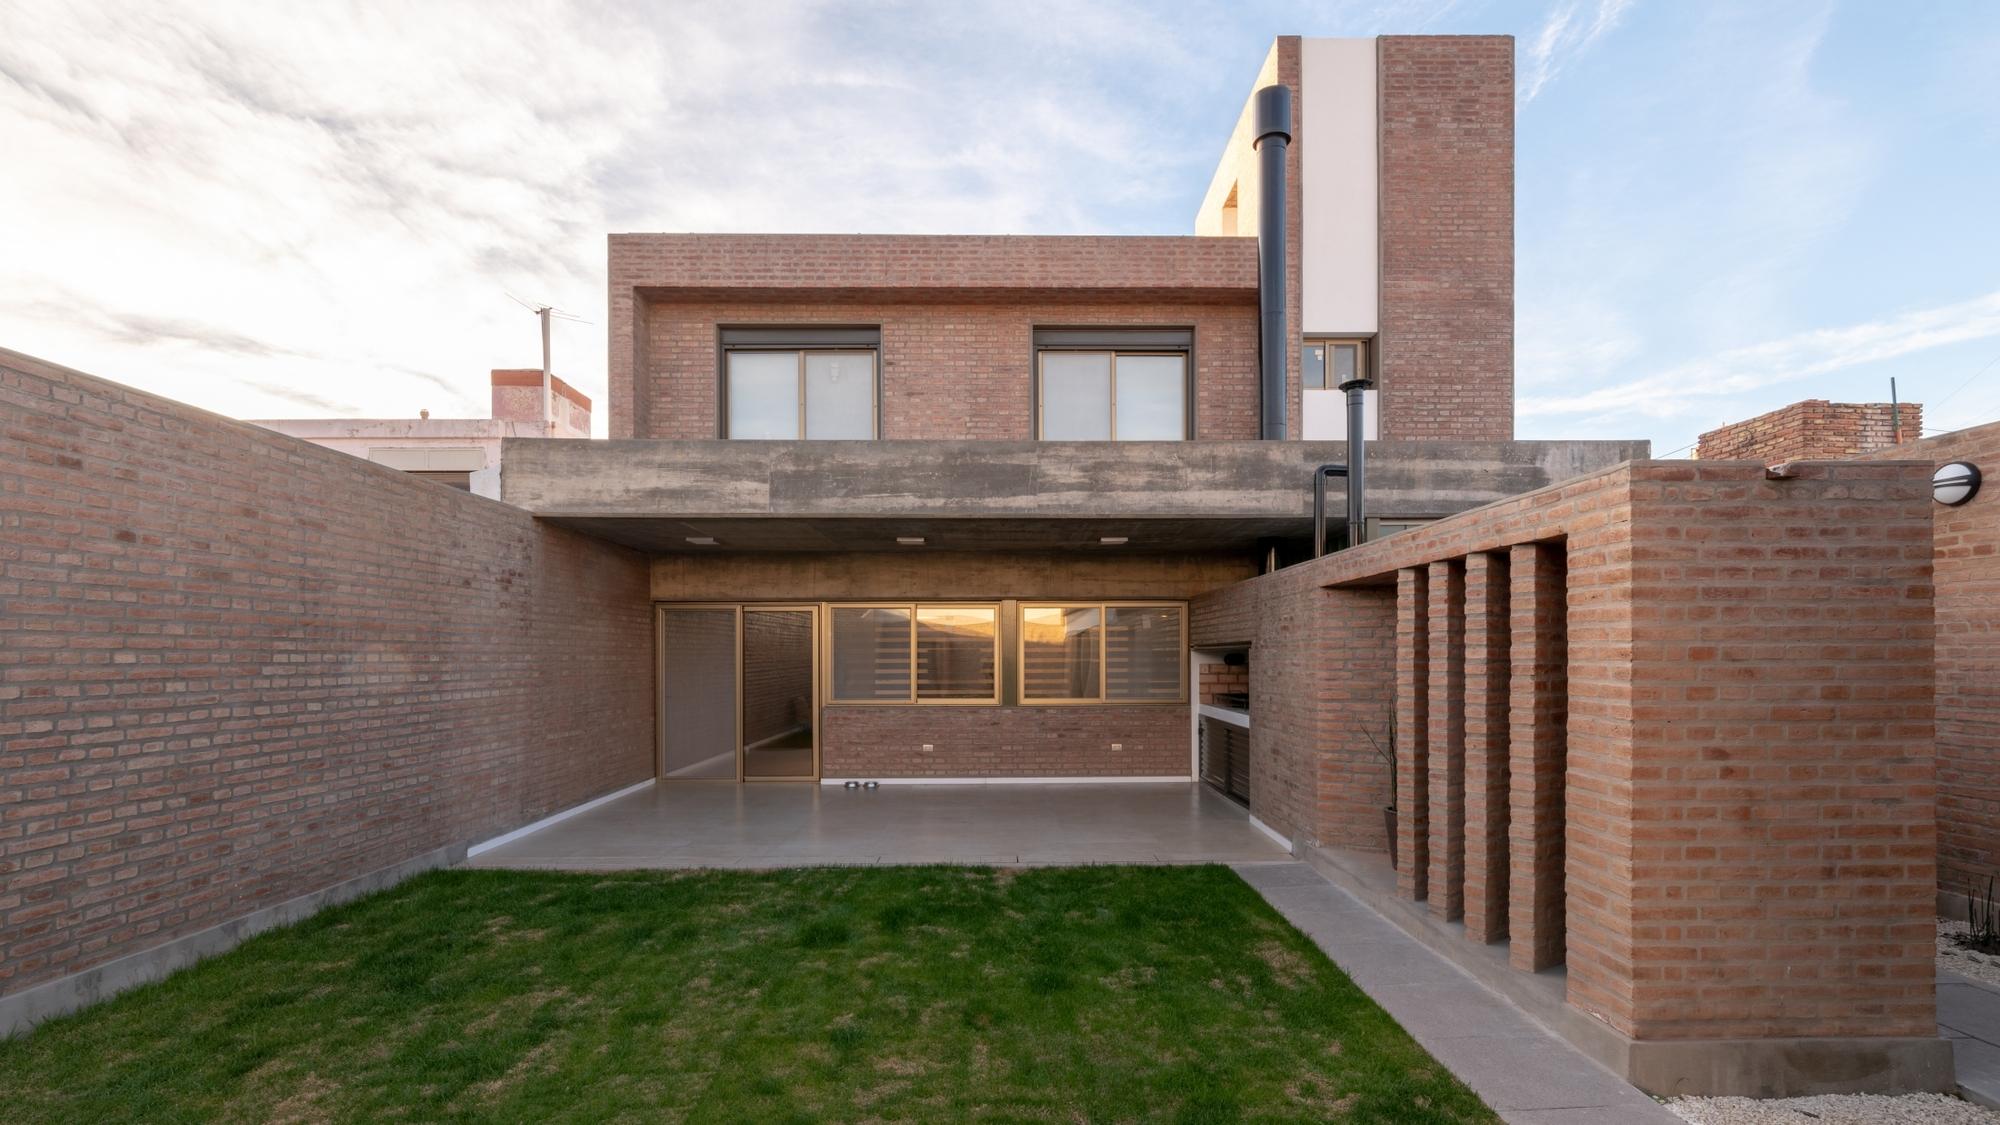 Galer a de vivienda en el norte de c rdoba ono arquitectos 7 - Arquitectos en cordoba ...